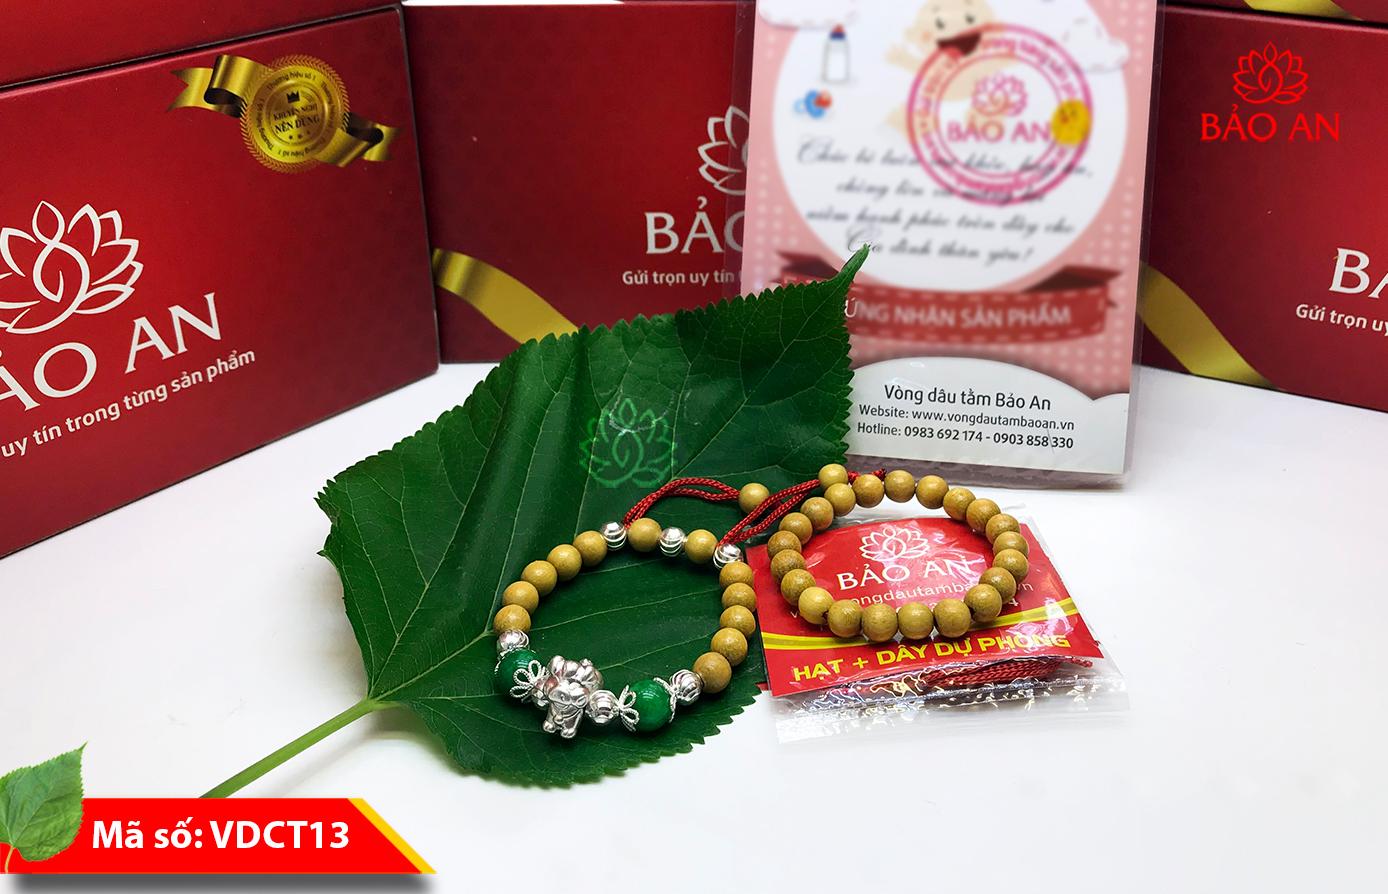 Vong-dau-tam-bao-an-VDCT13-D